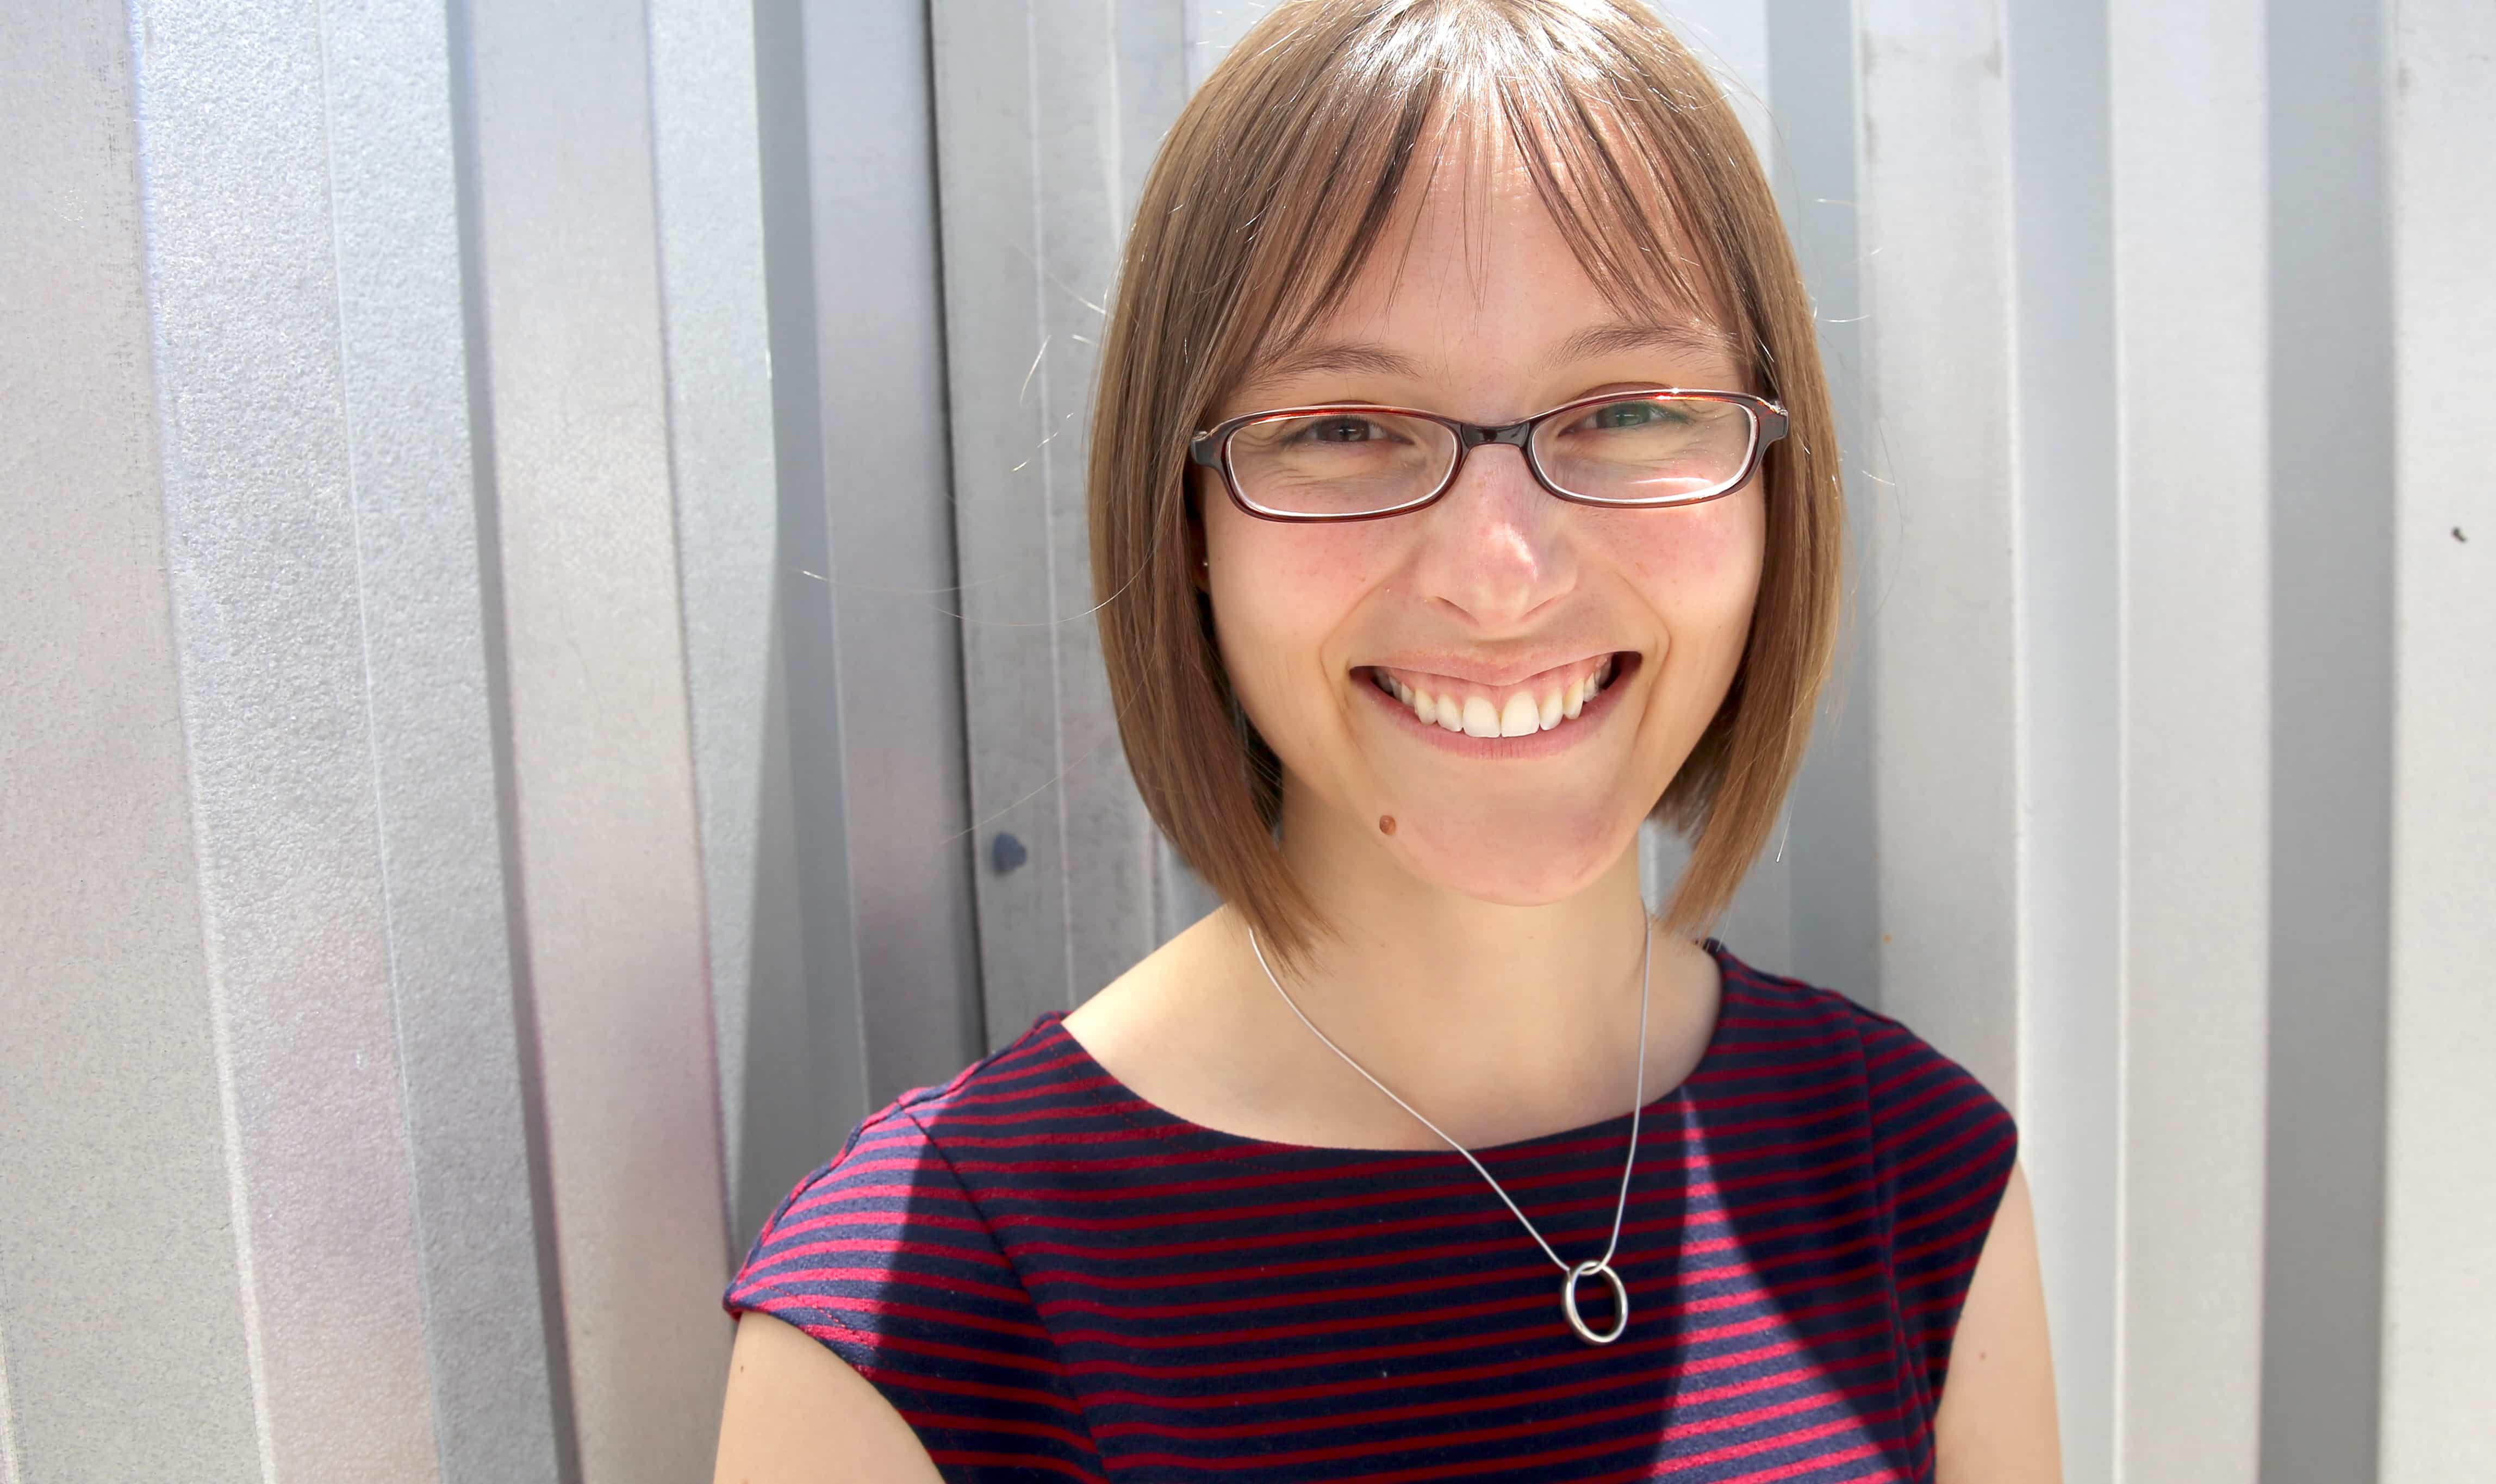 Anna Katrina Shedletsky